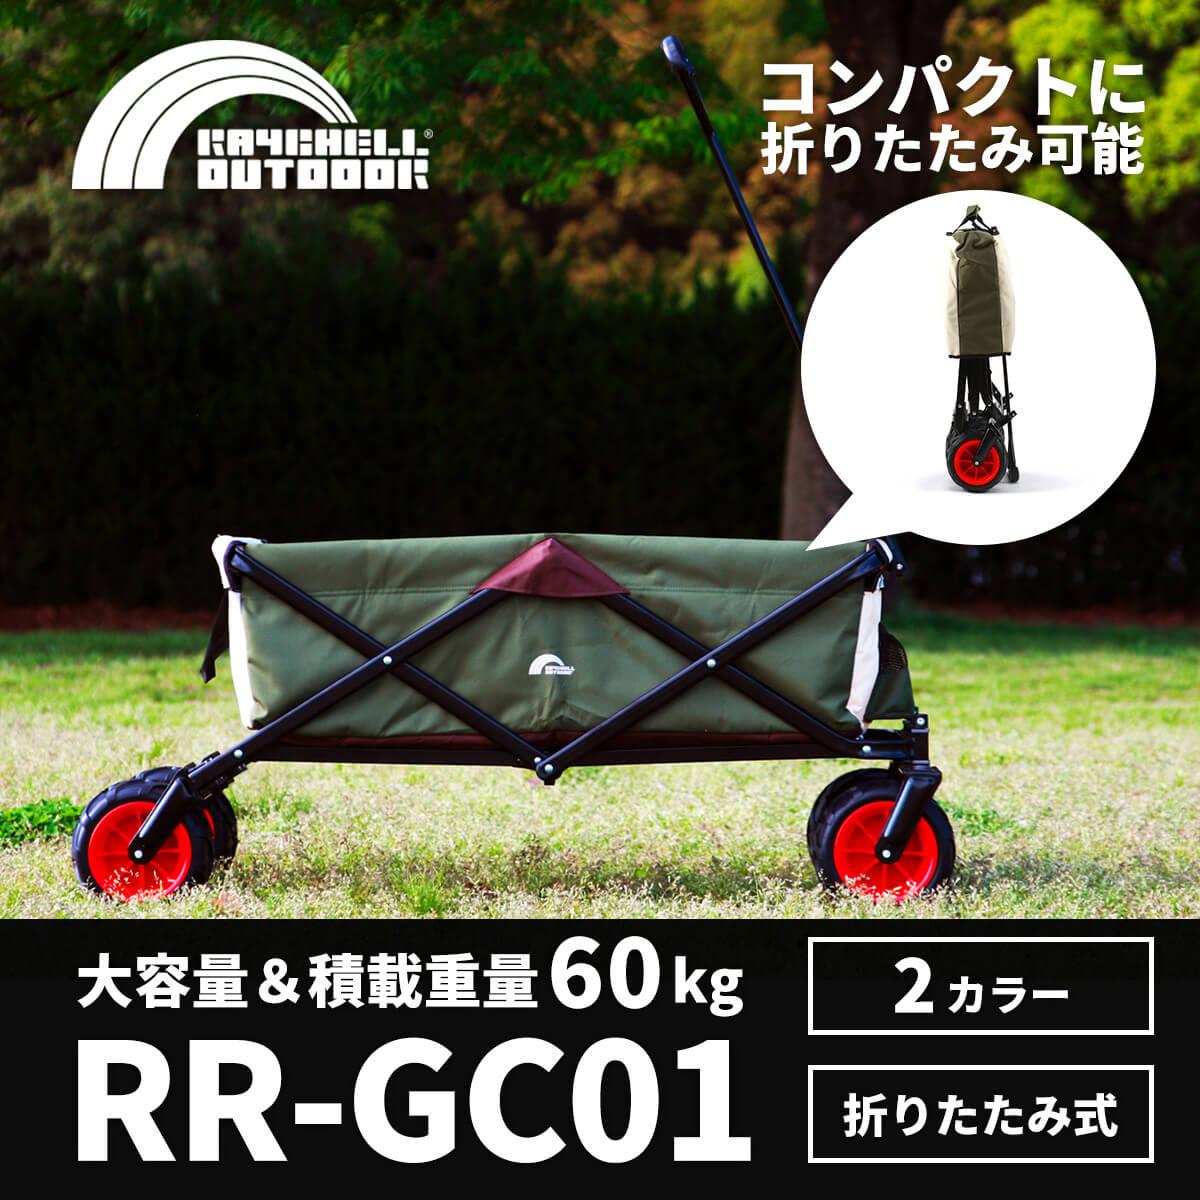 キャリーワゴン RR-GC01 商品リンク